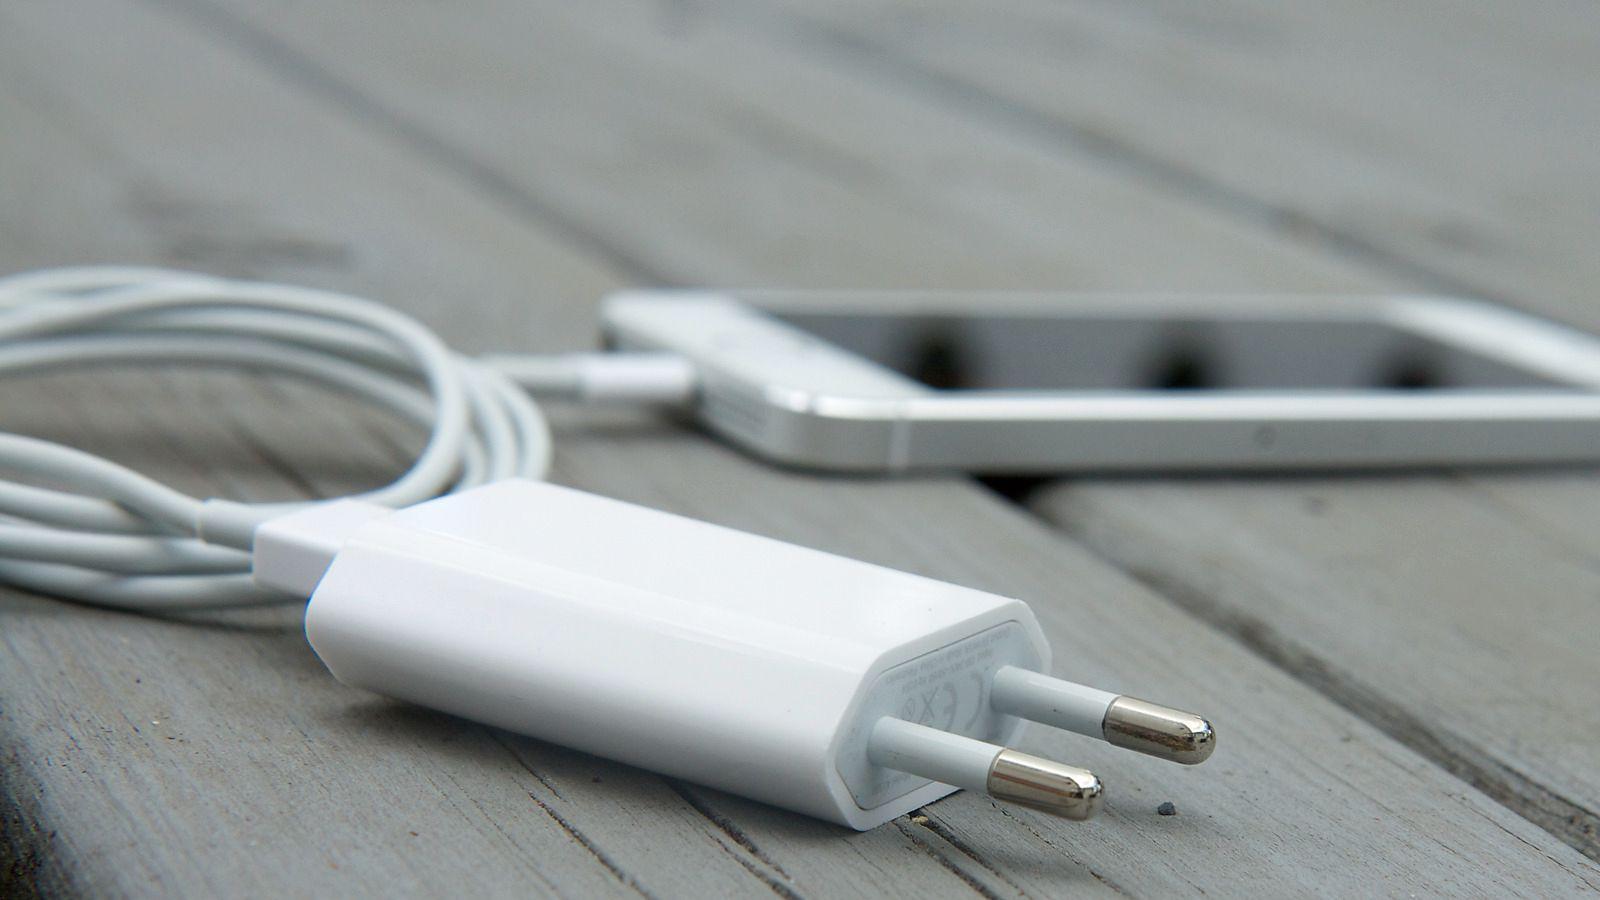 Slik ladekloss får du ikke med i iPhone 12, ifølge ryktene.